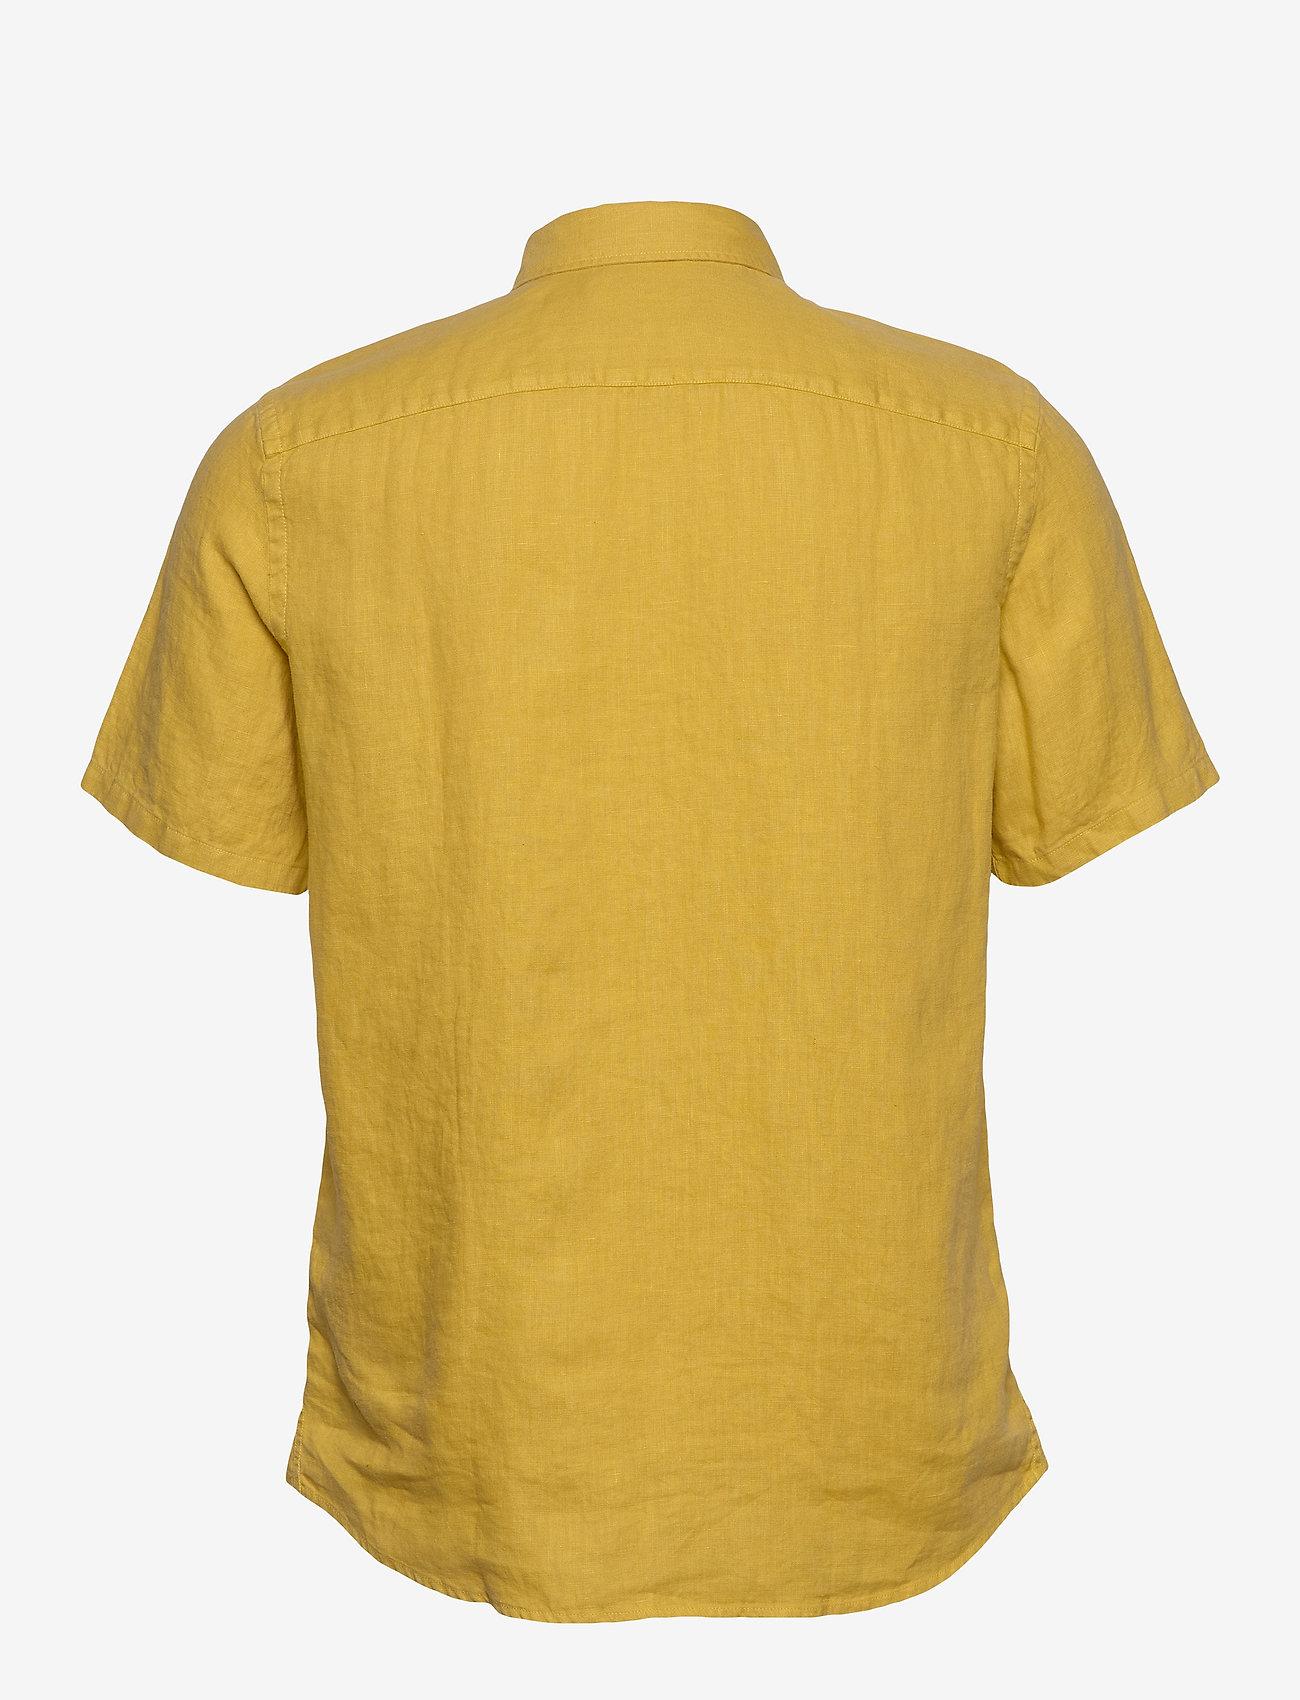 Scotch & Soda - REGULAR FIT- Shortsleeve garment -dyed linen shirt - basic shirts - saffron - 1